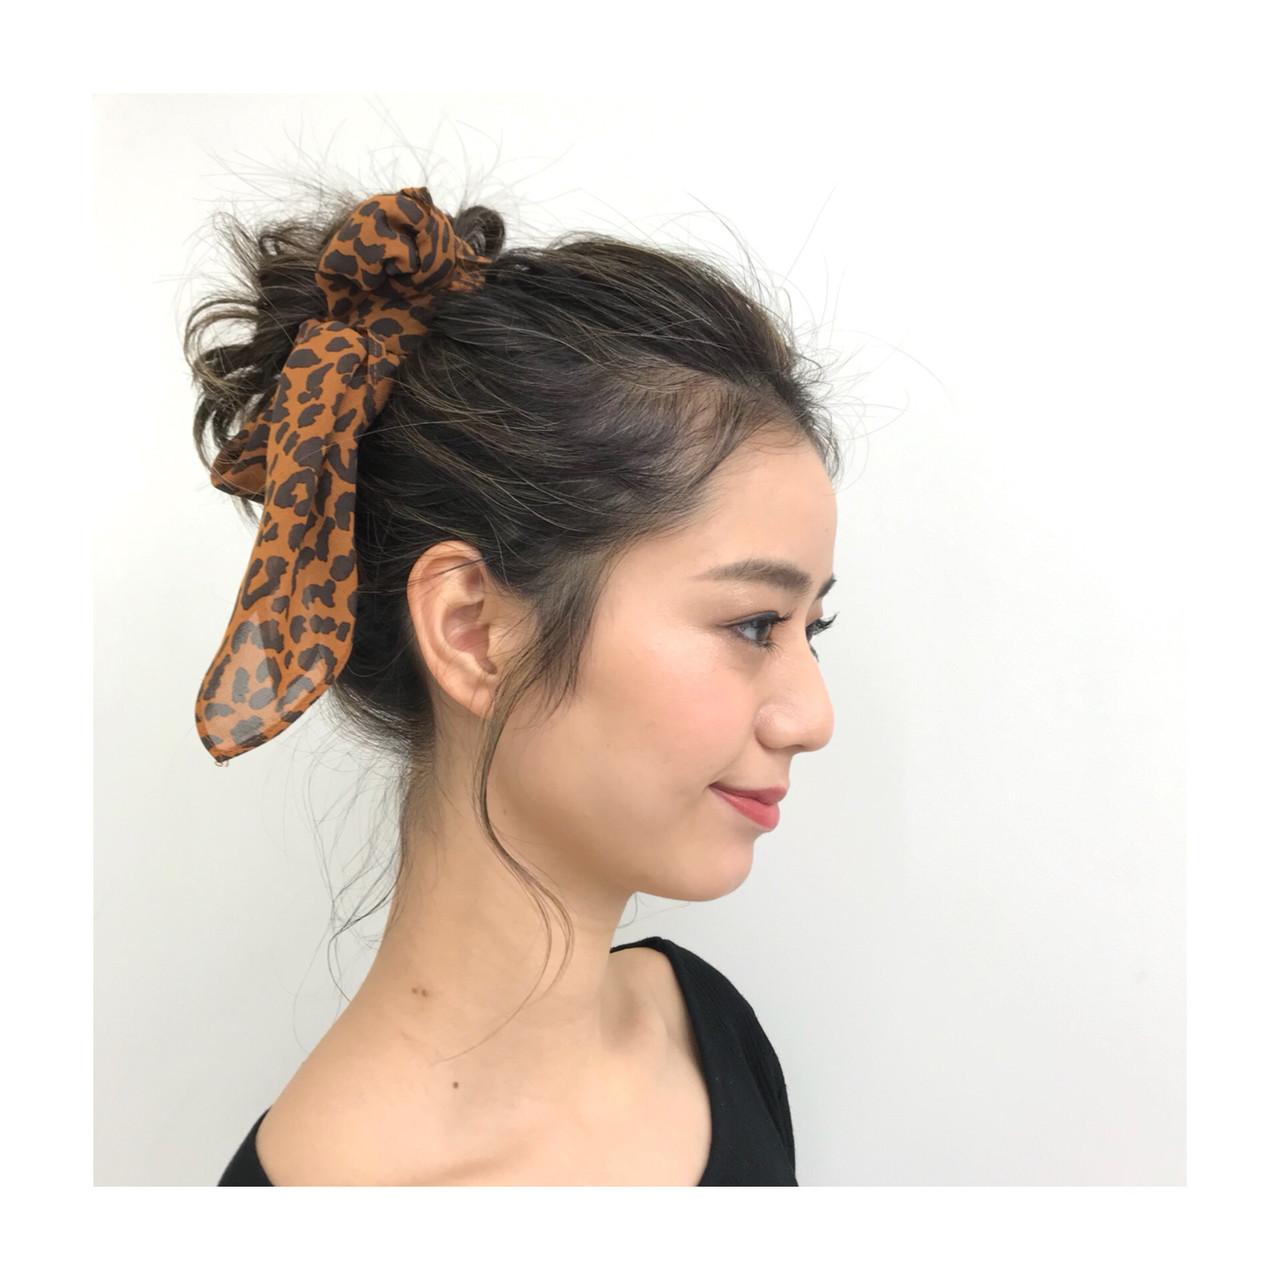 フェミニン ロング コントラストハイライト ジェシカライツカラー ヘアスタイルや髪型の写真・画像